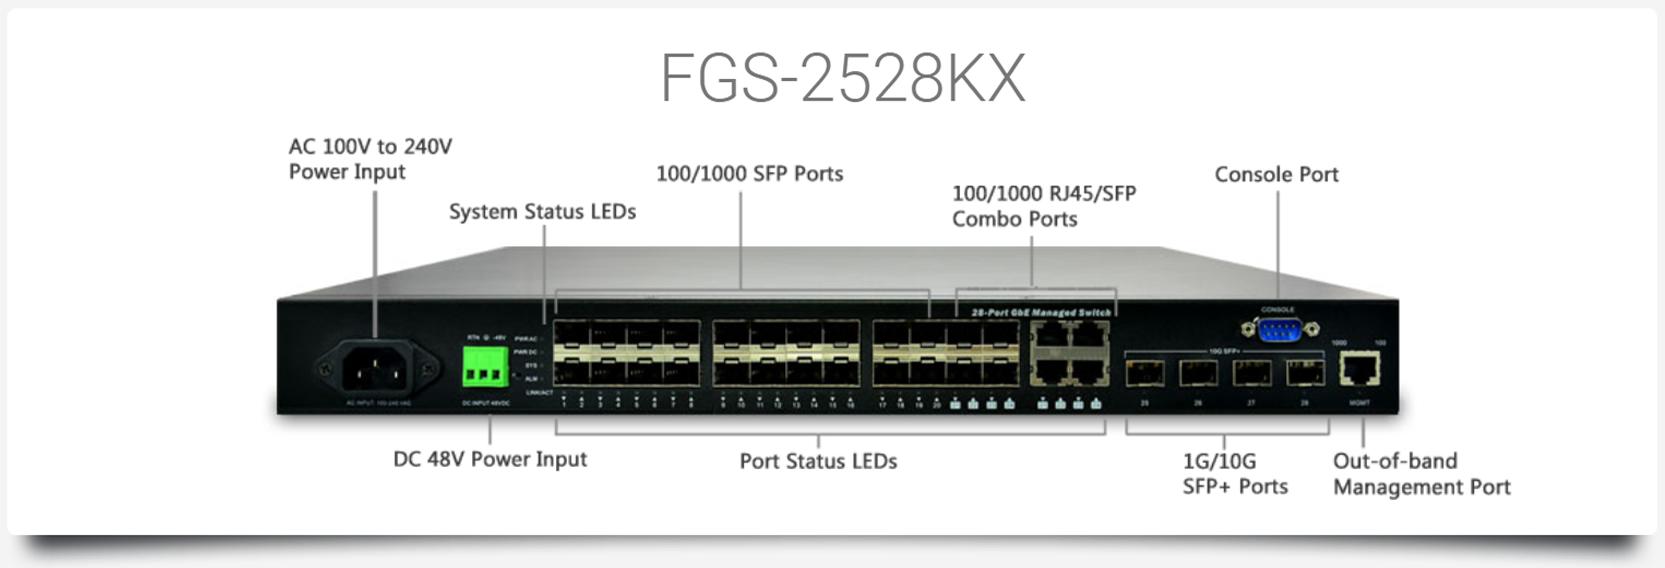 FGS-2528KX